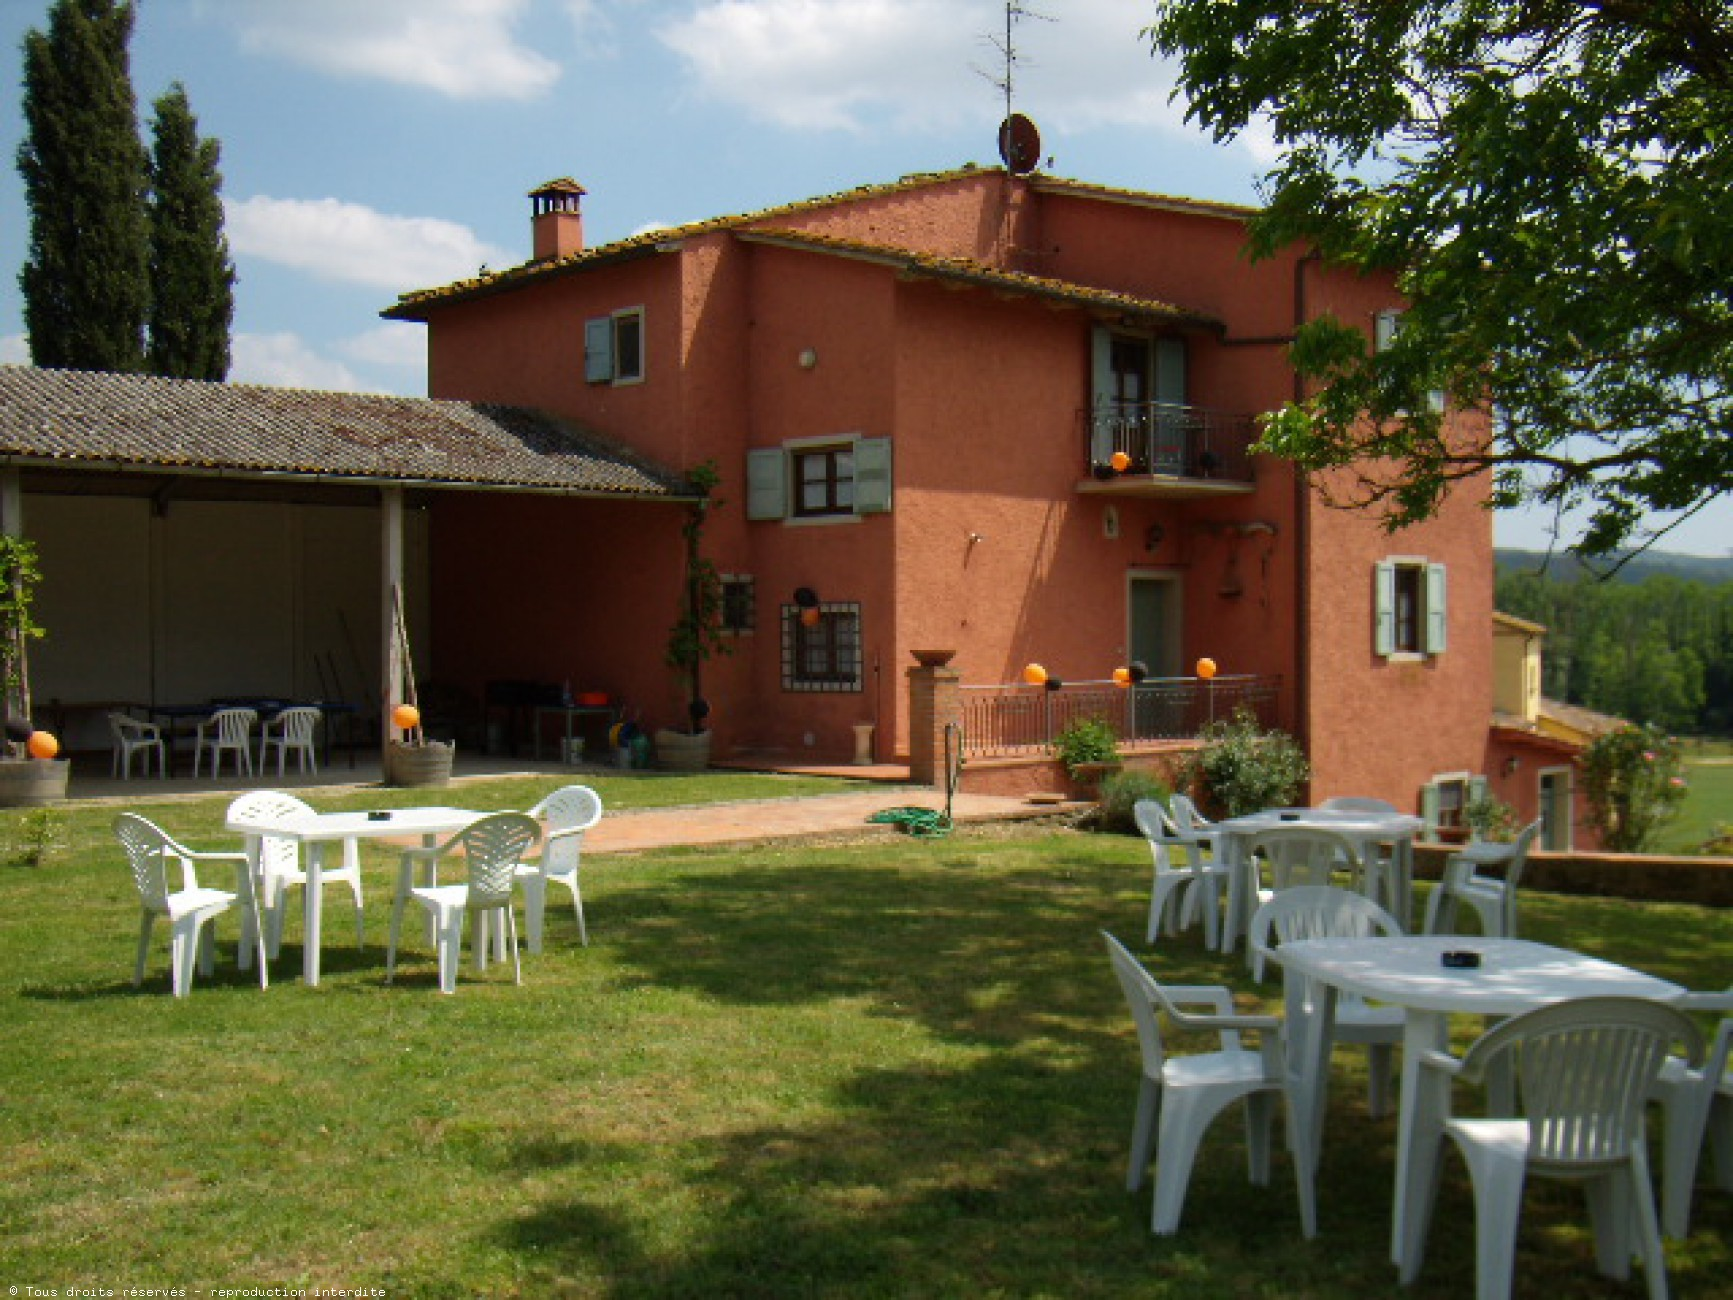 Location de maison en italie